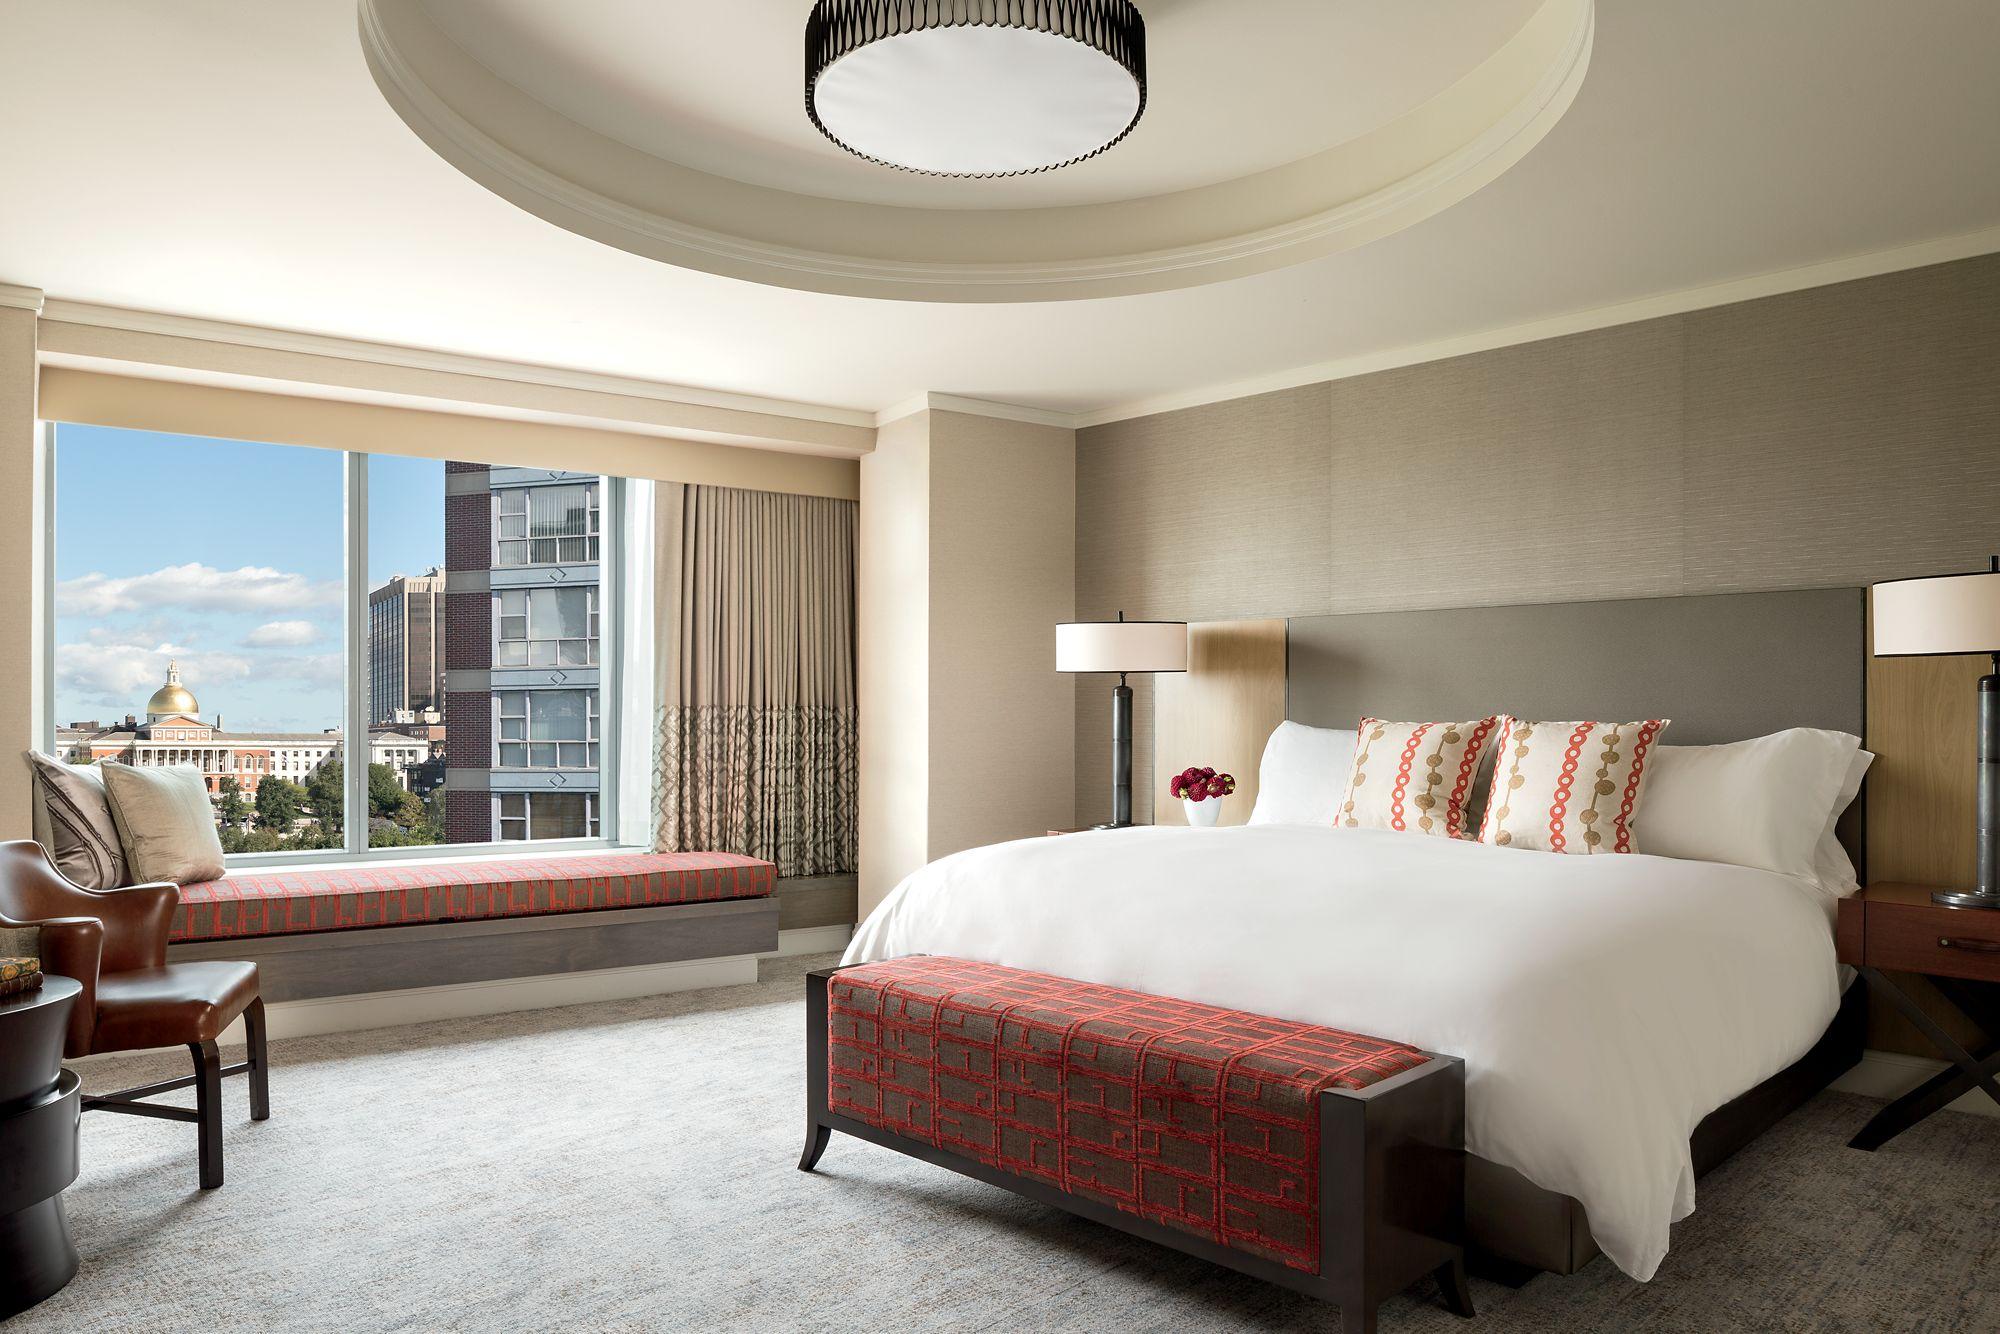 The Ritz-Carlton, Boston image 4